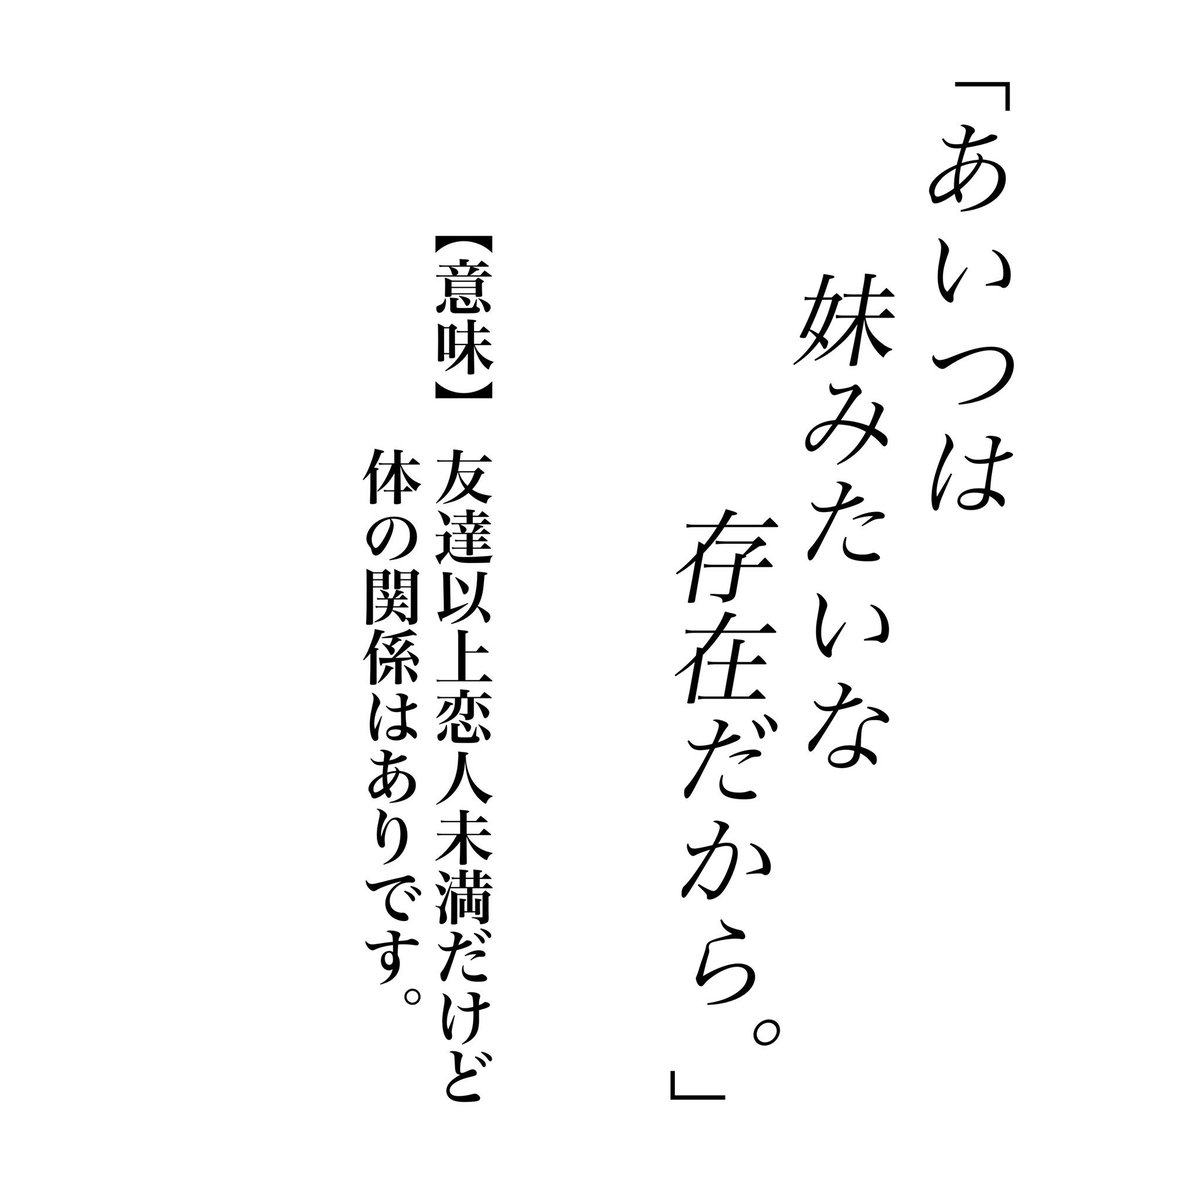 ★クソ恋愛辞典★9